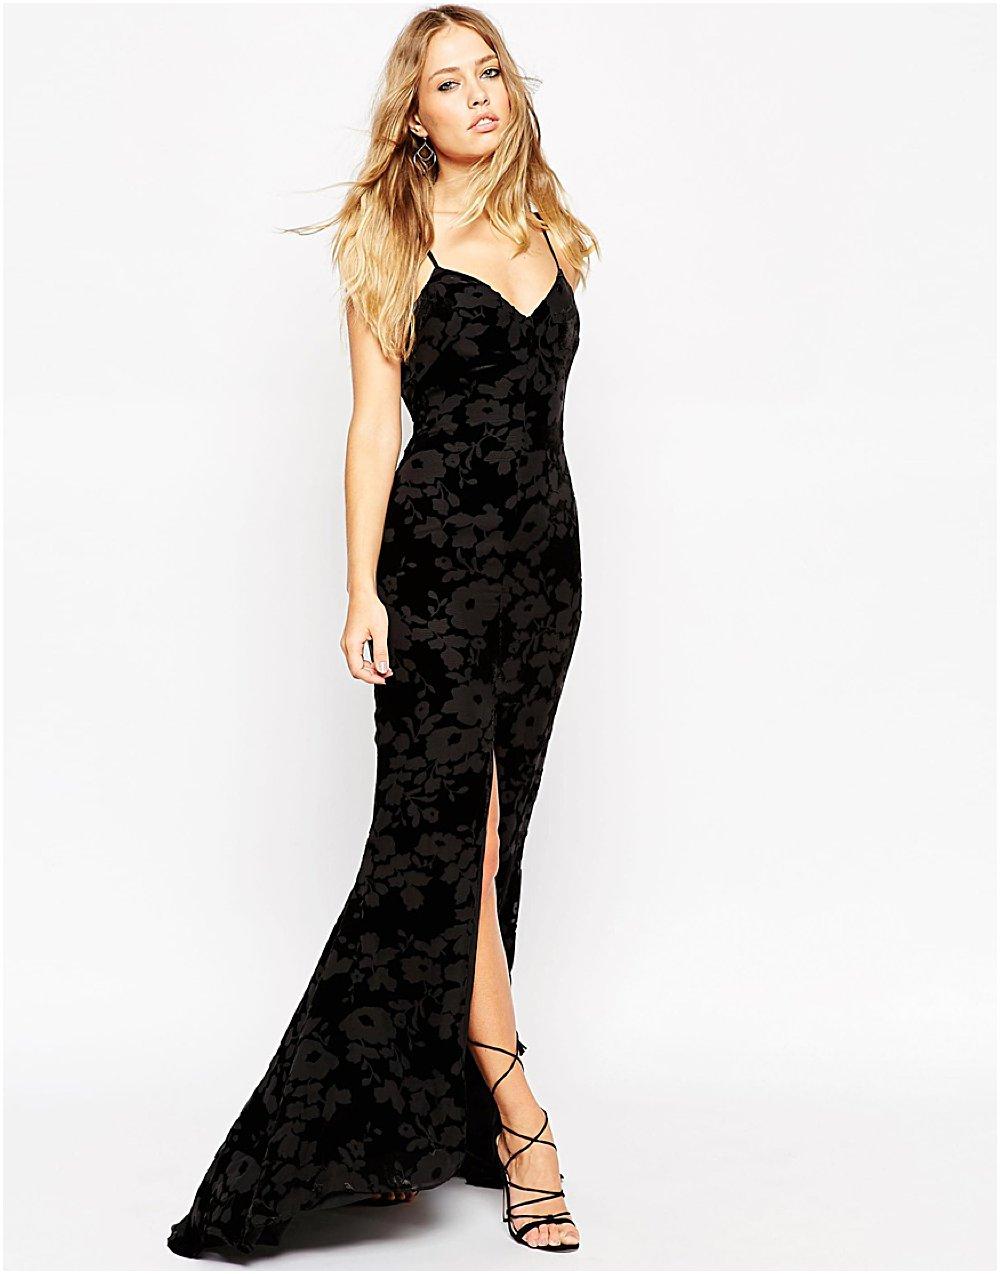 The Little Black Velvet Dress - Christmas 2015